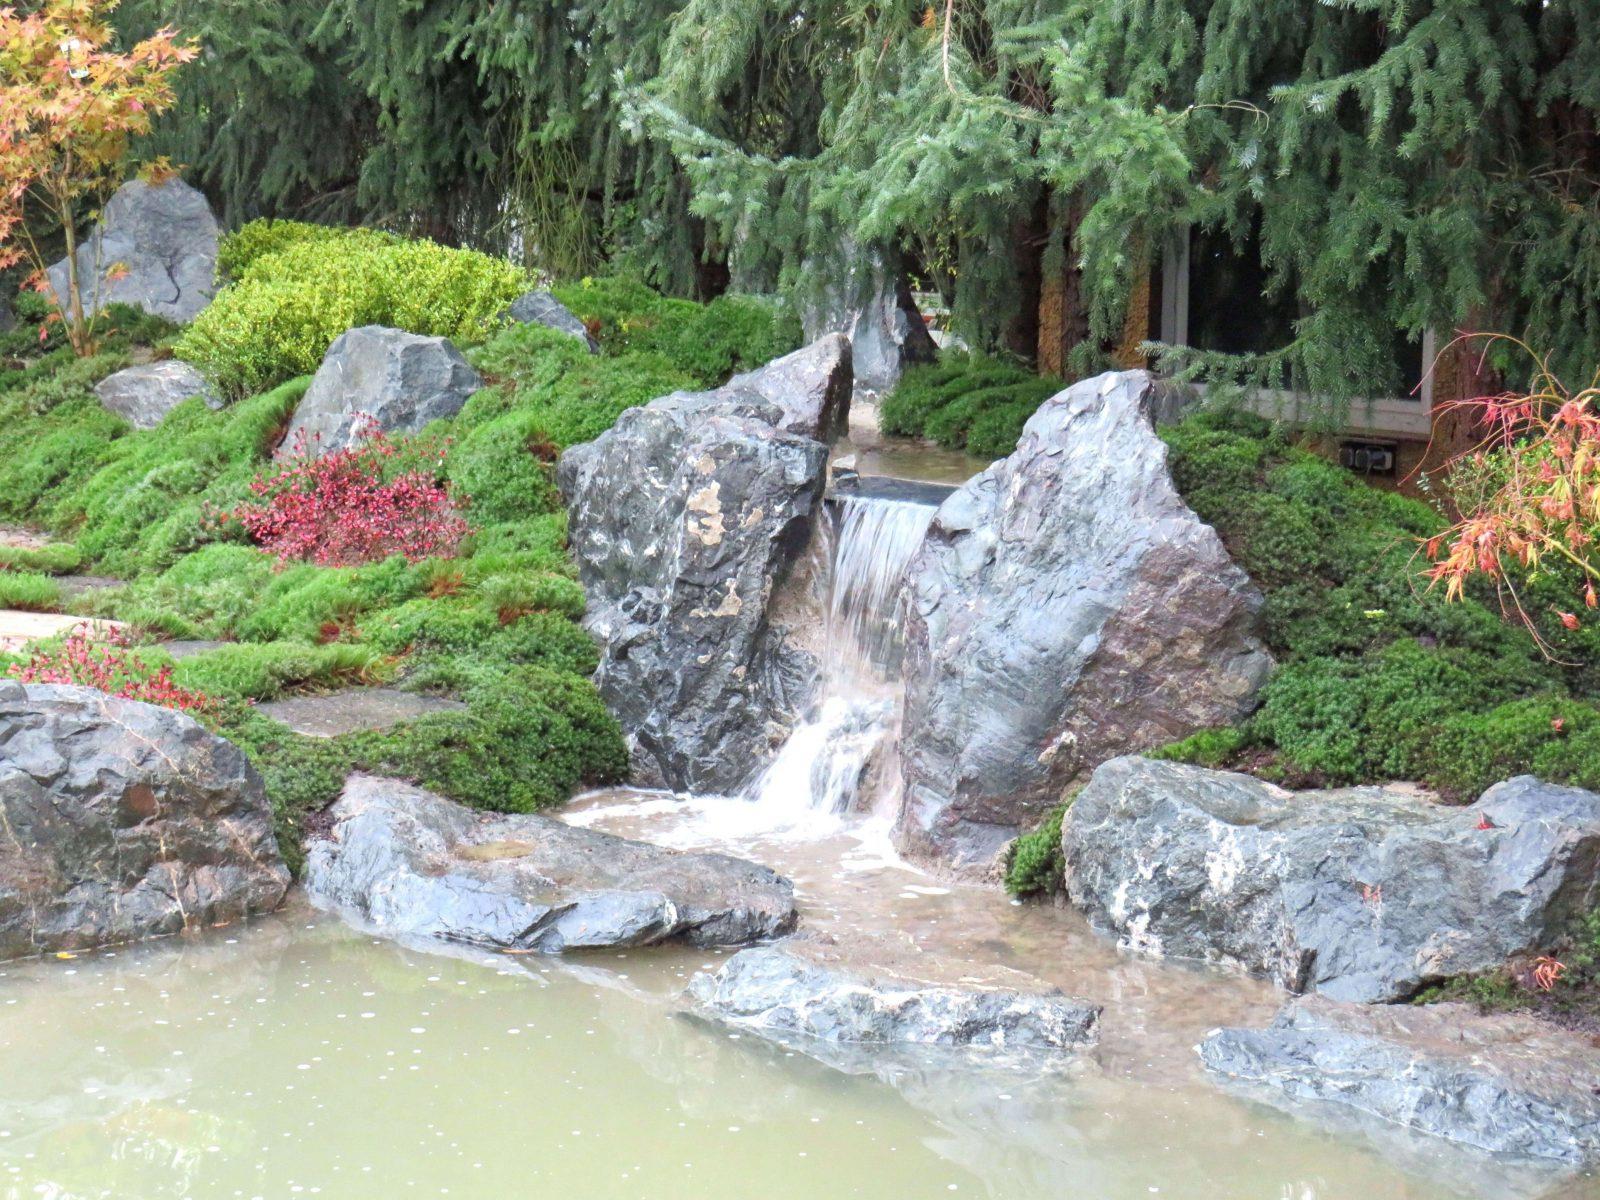 31 Luxus Garten Wasserfall Selber Bauen Design Von Mauer Wasserfall von Mauer Wasserfall Selber Bauen Photo